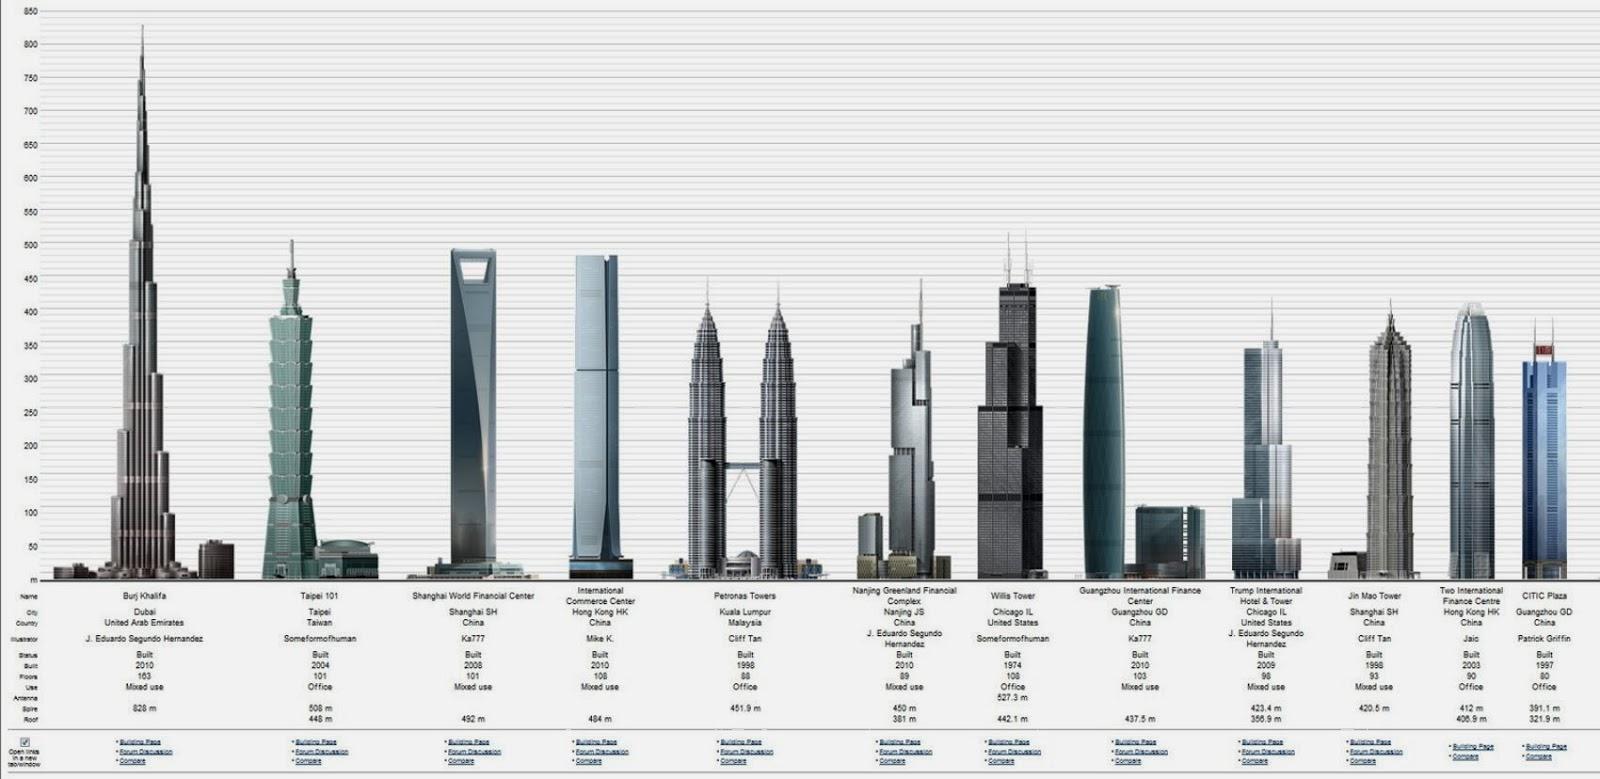 menara tertinggi di dunia - yoexplore